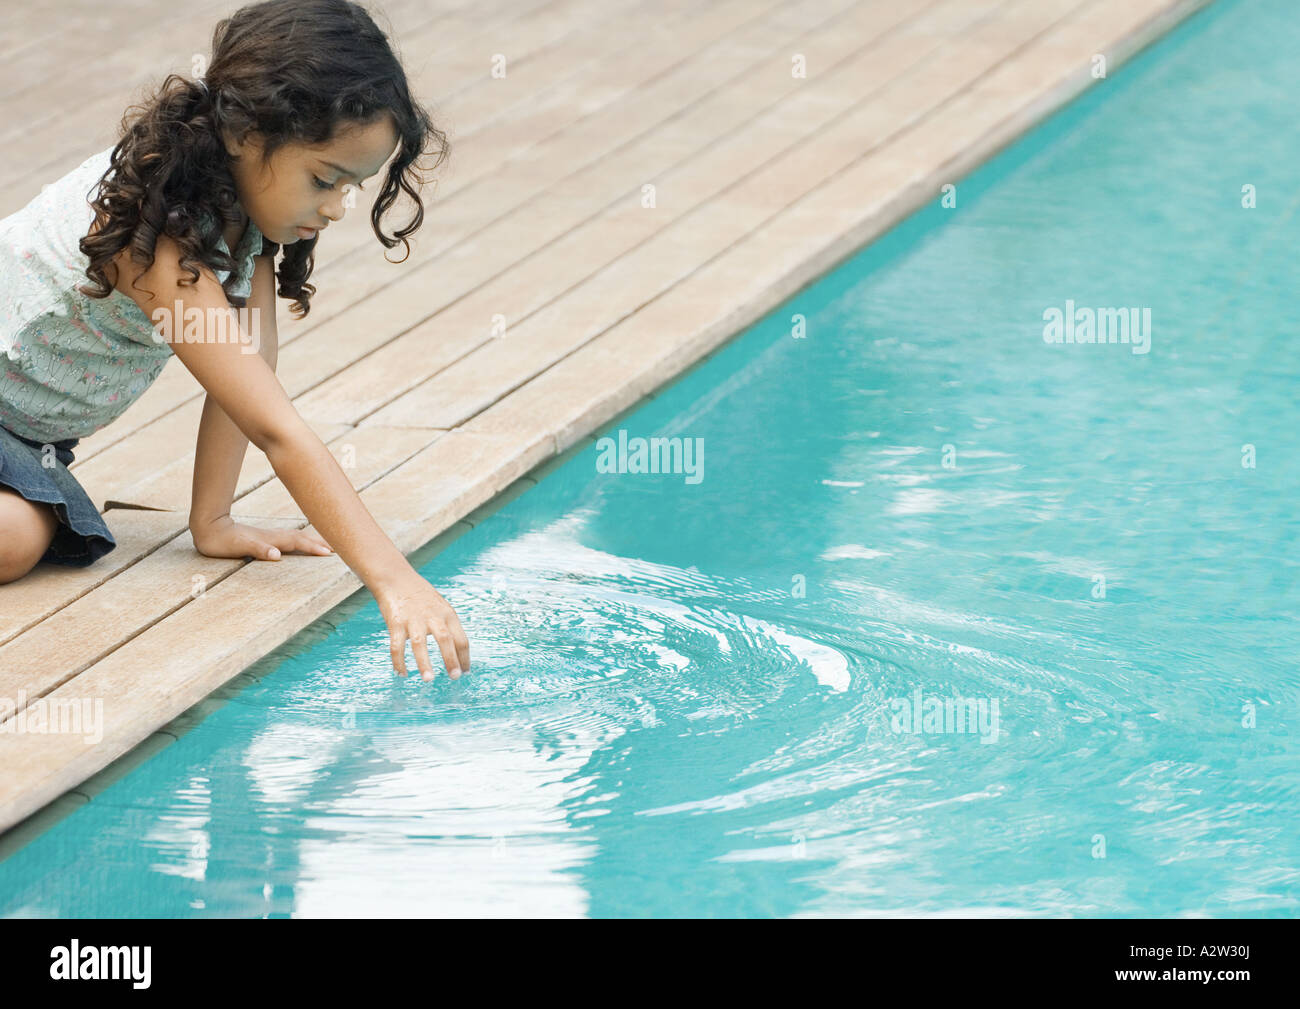 Kleines Mädchen sitzt vom Rand des Schwimmbads berühren der Oberfläche des Wassers Stockbild